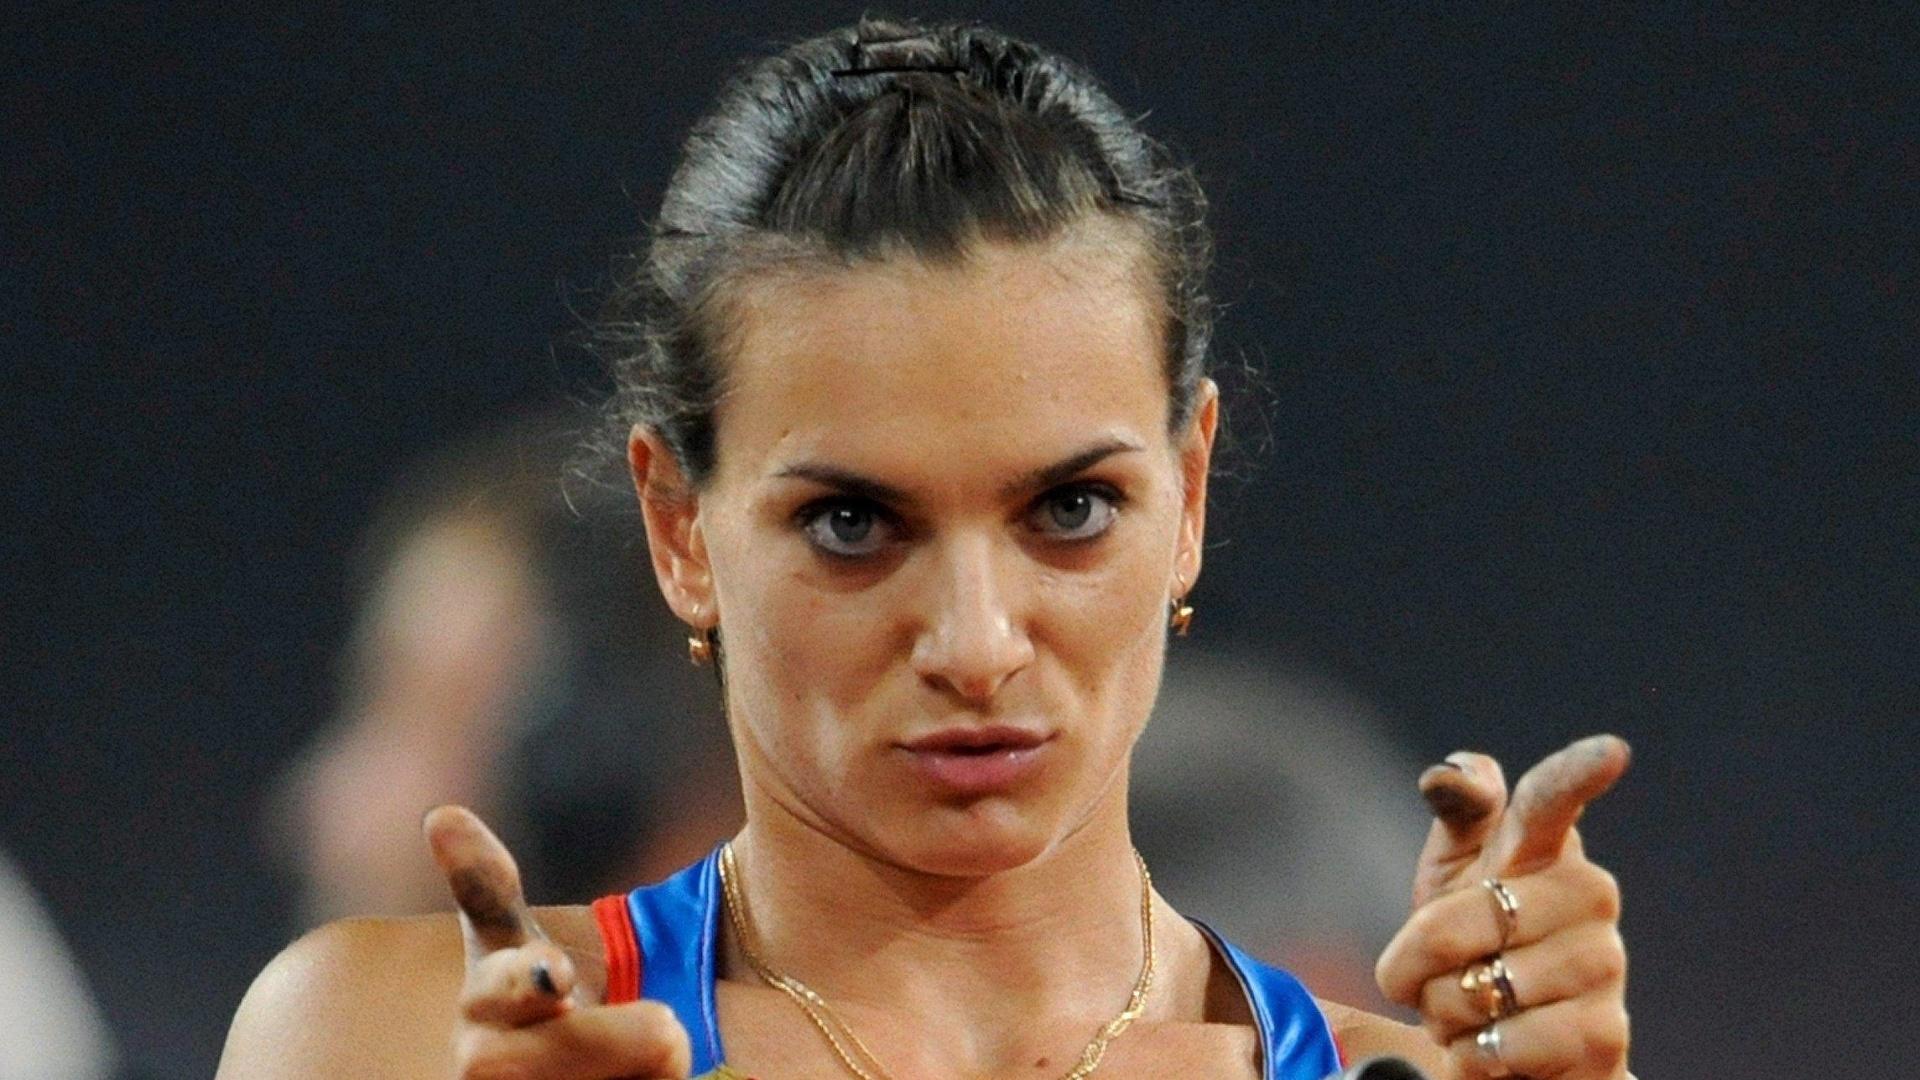 Yelena Isinbayeva só precisou saltar duas vezes para garantir o ouro no salto com vara, seu segundo título olímpico